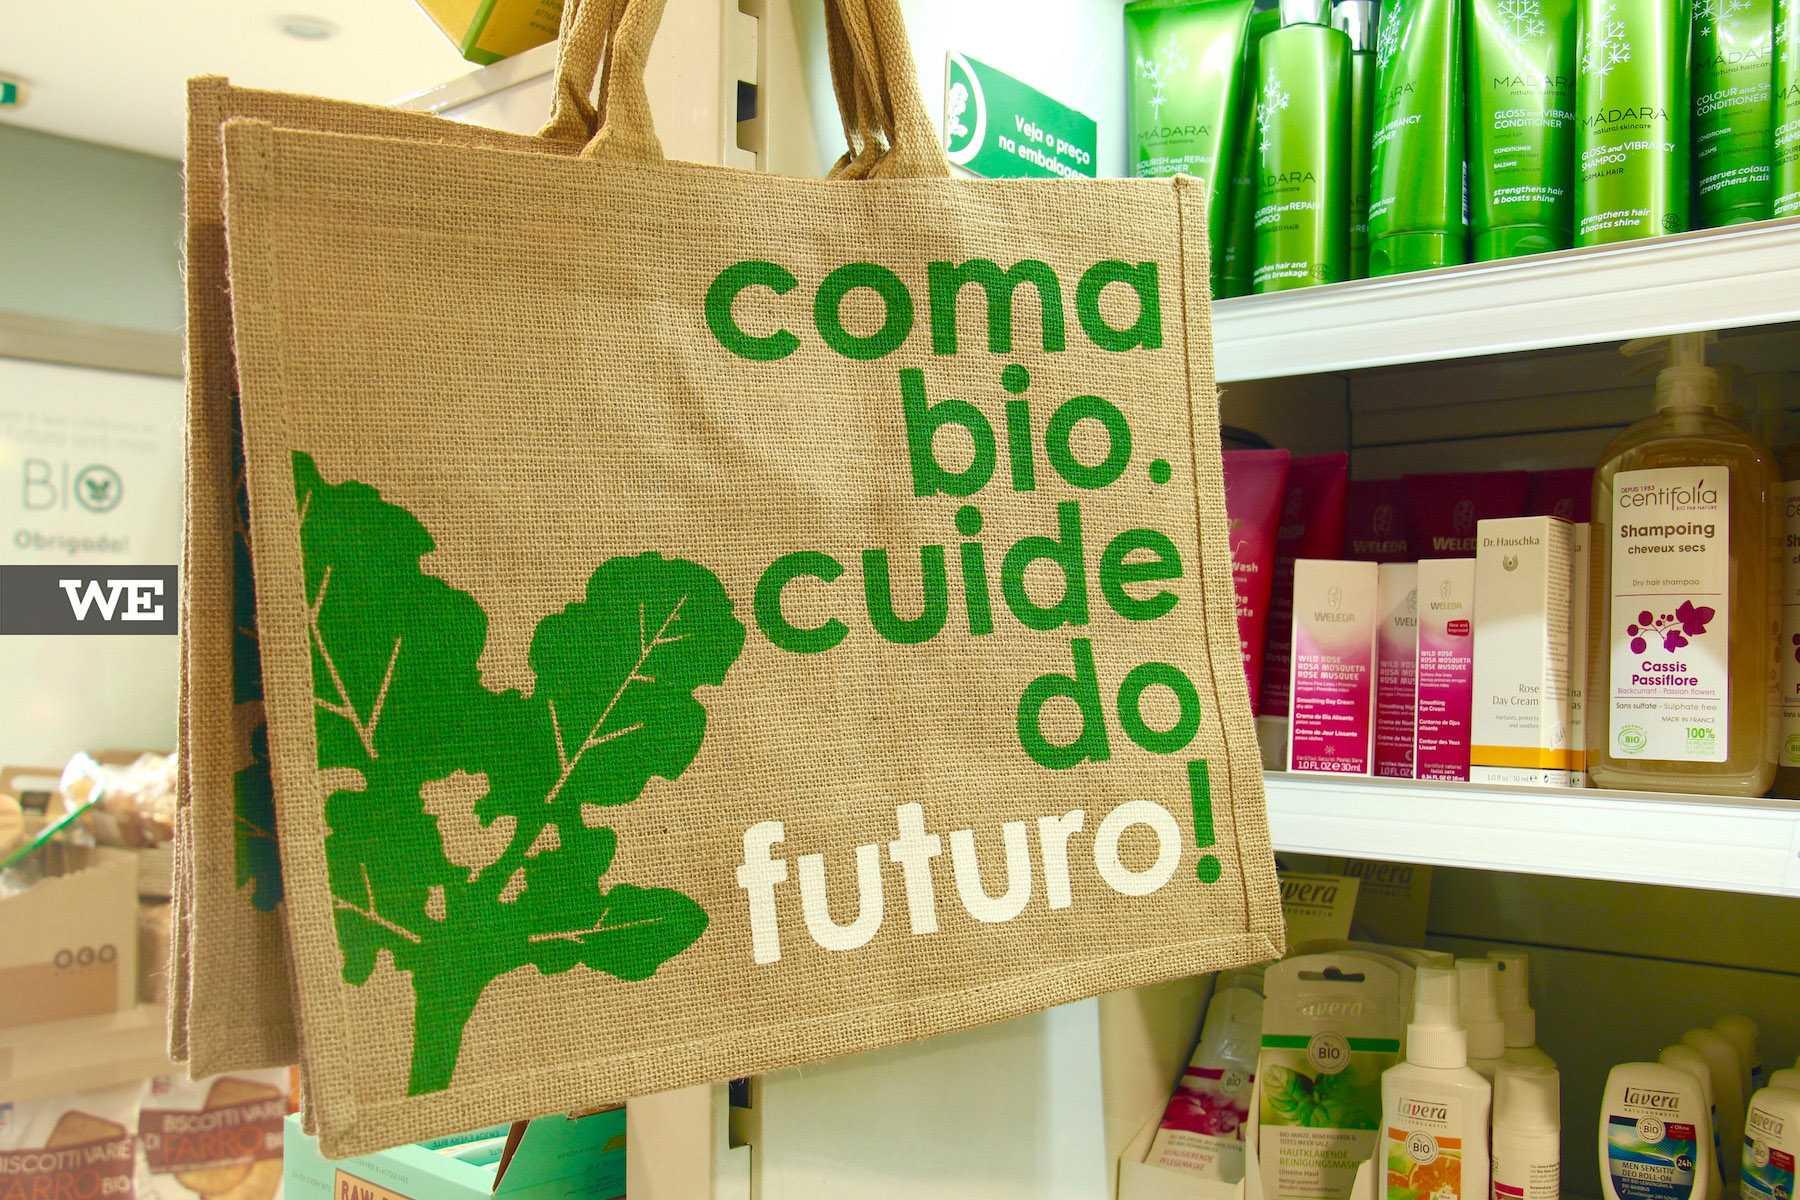 Coma BIO. Cuide do Futuro! Biobrassica, uma loja de produtos biológicos.